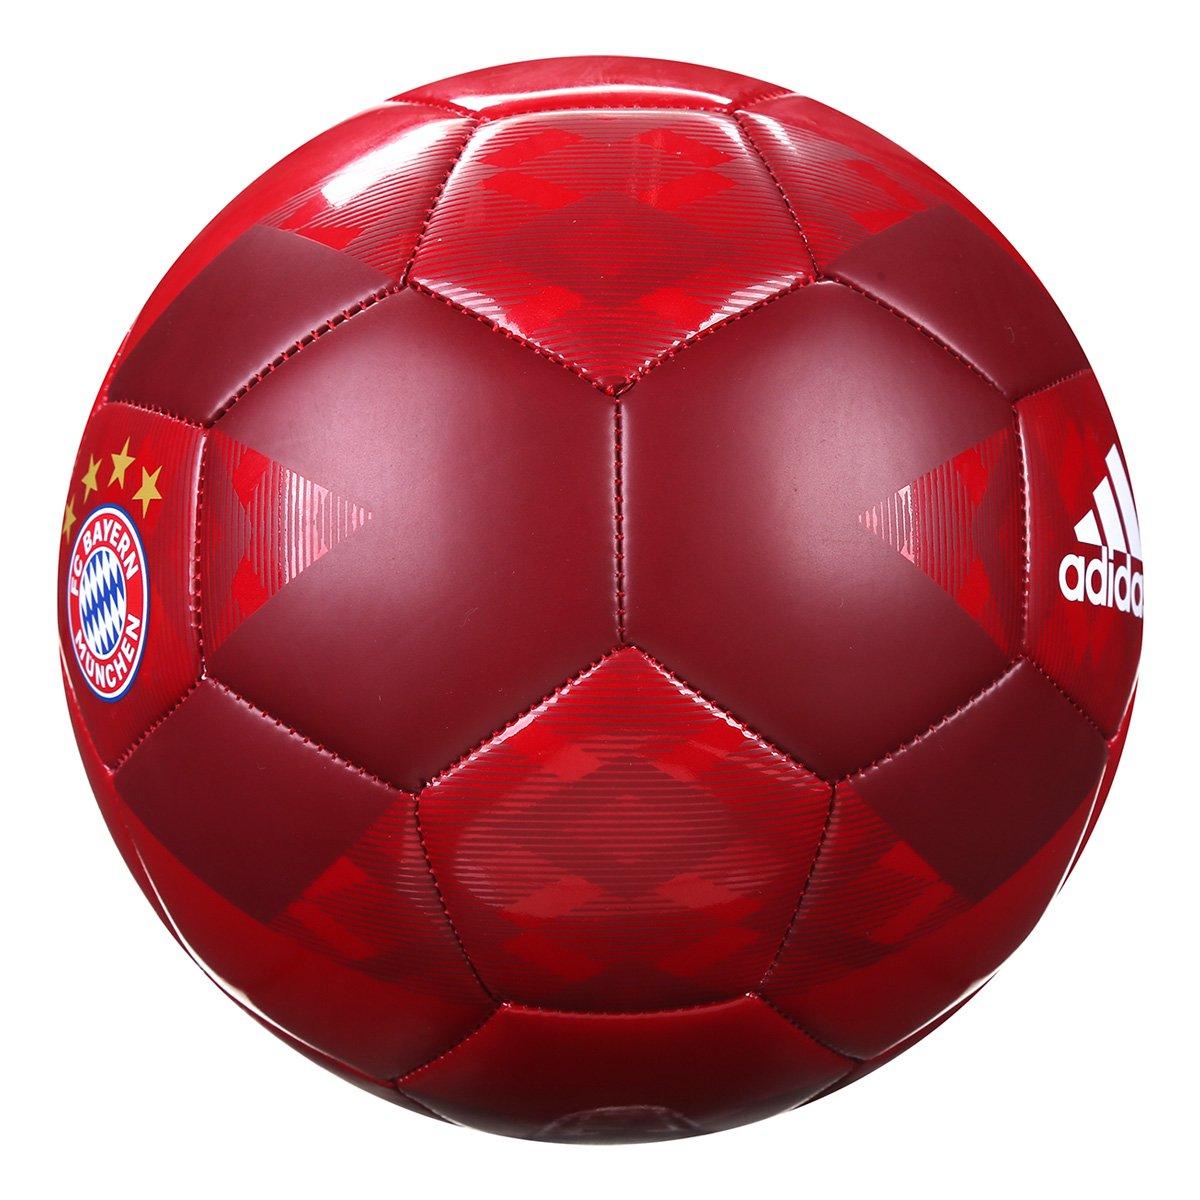 Bola de Futebol Campo Adidas Bayern de Munique - Compre Agora ... b04740235d79e